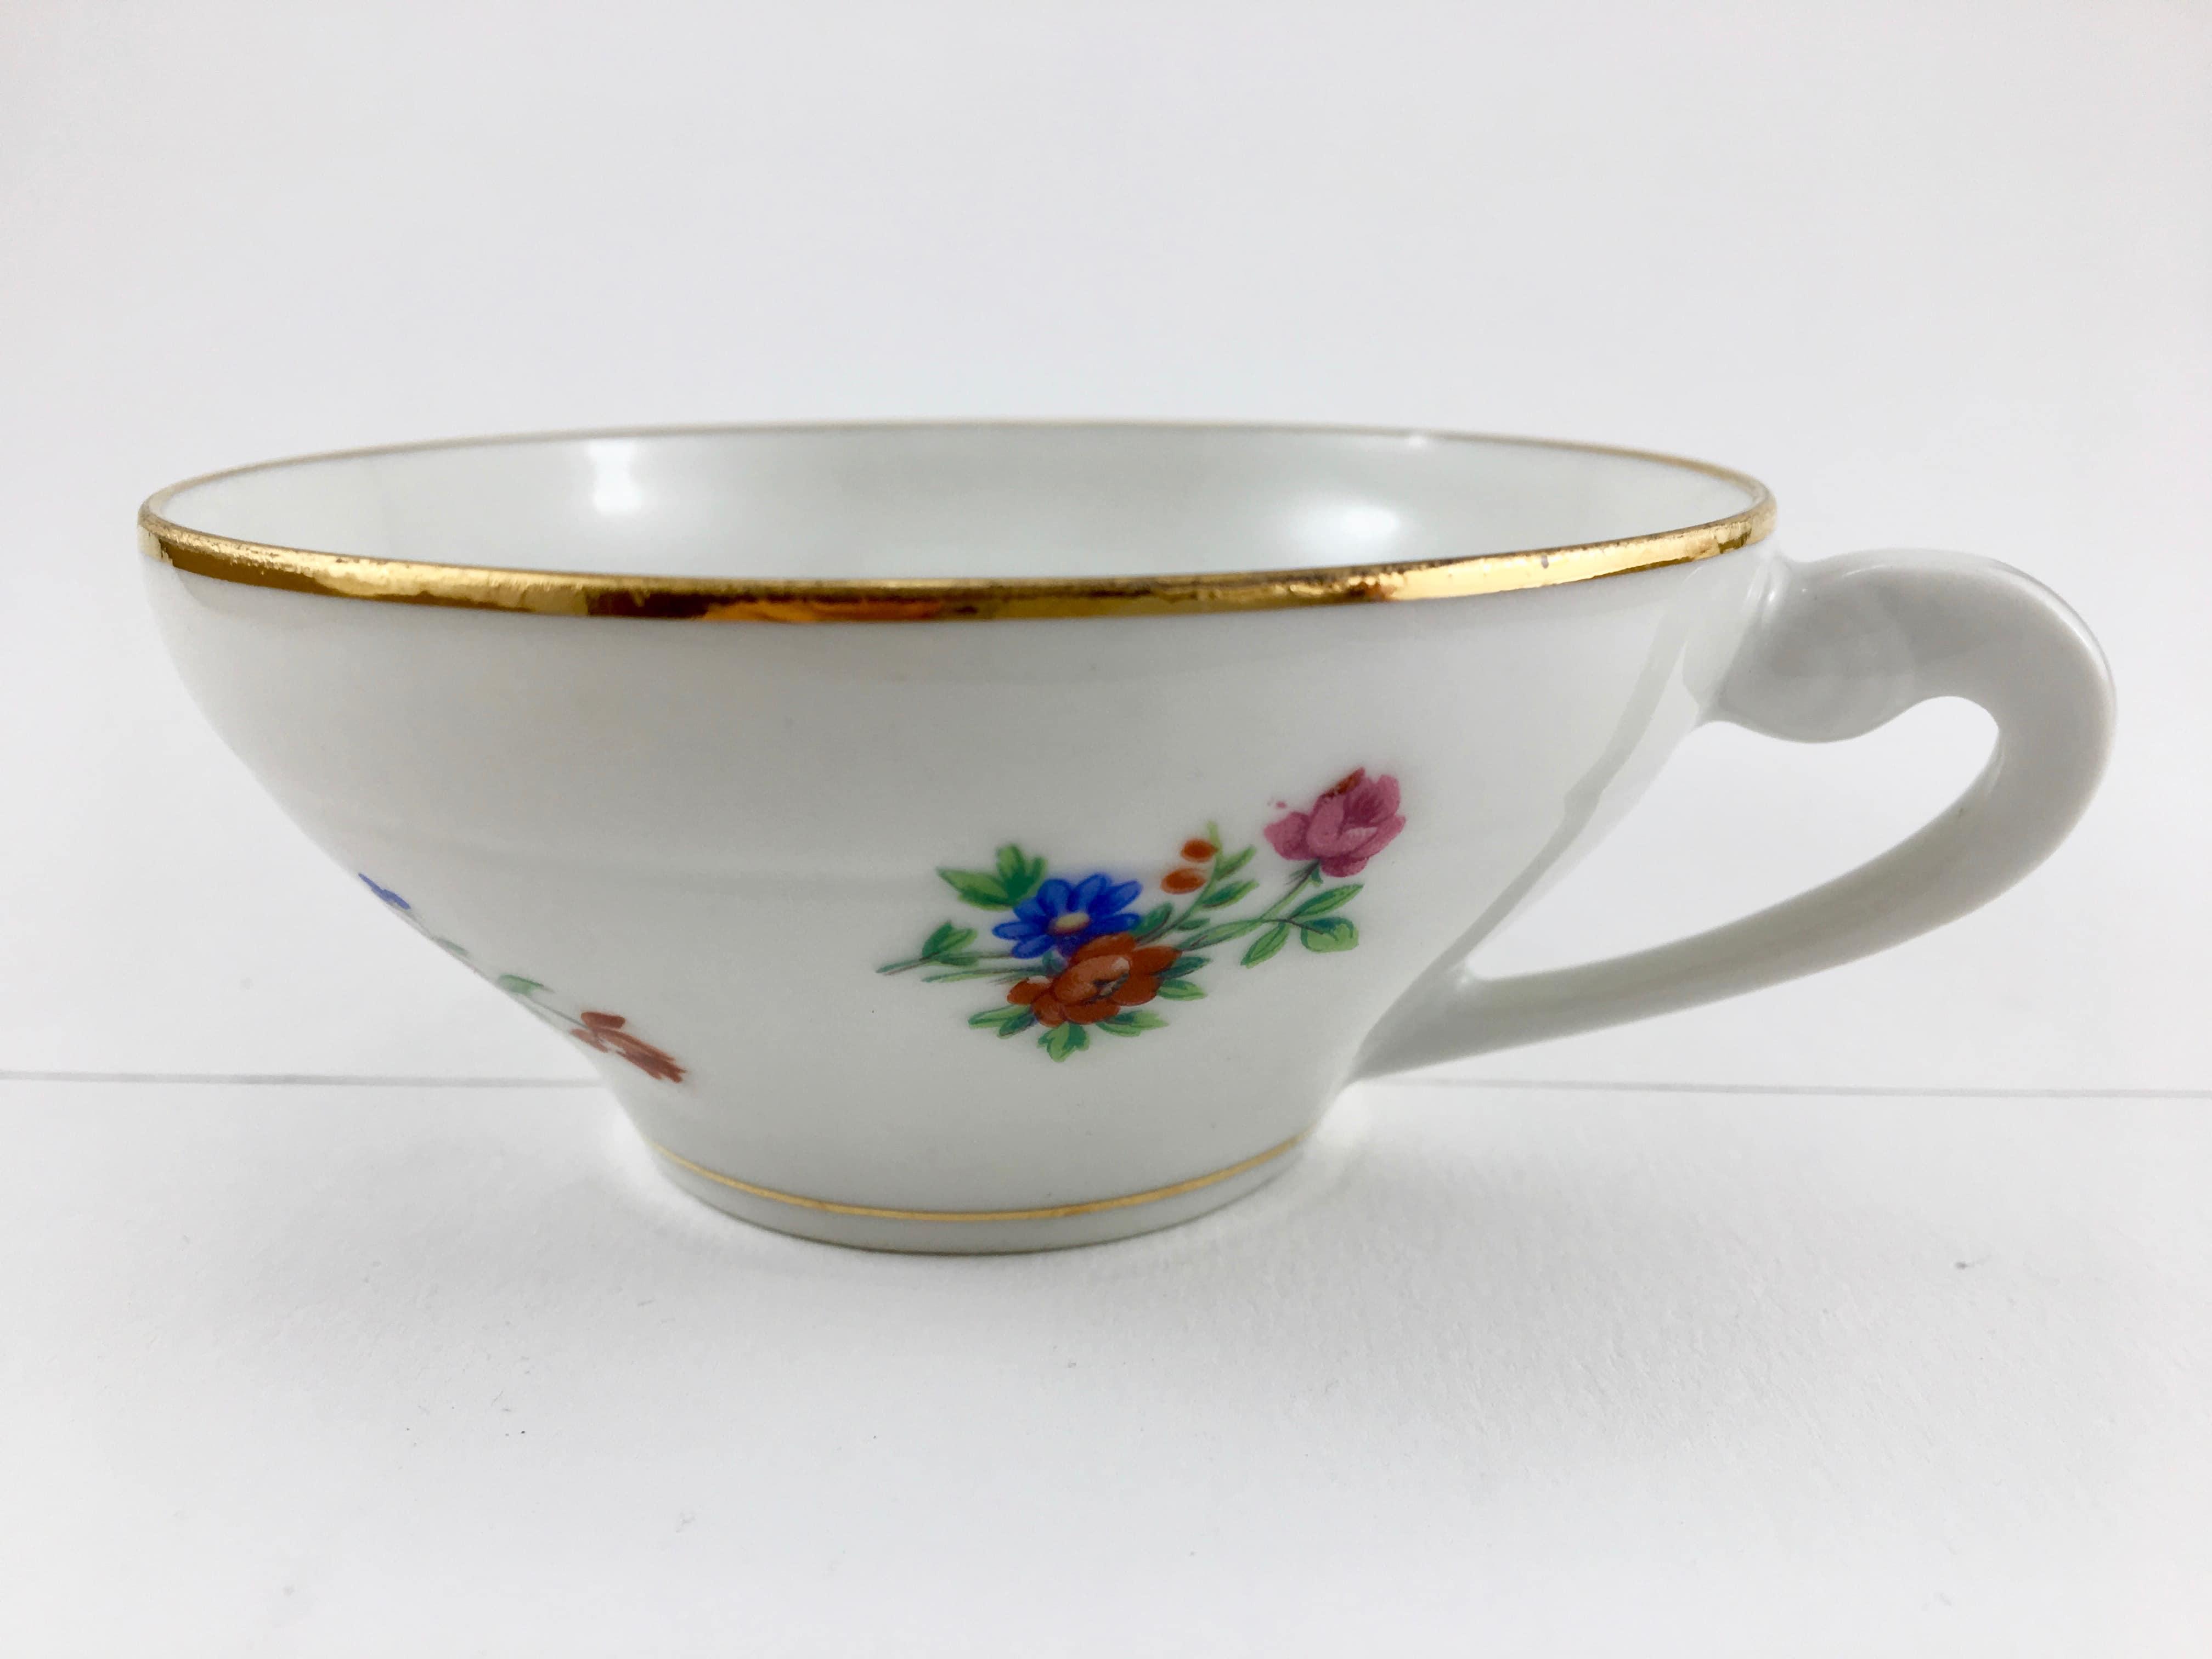 Porcelaine de limoges tasse fleurs sauvages - Porcelaine de limoges ...